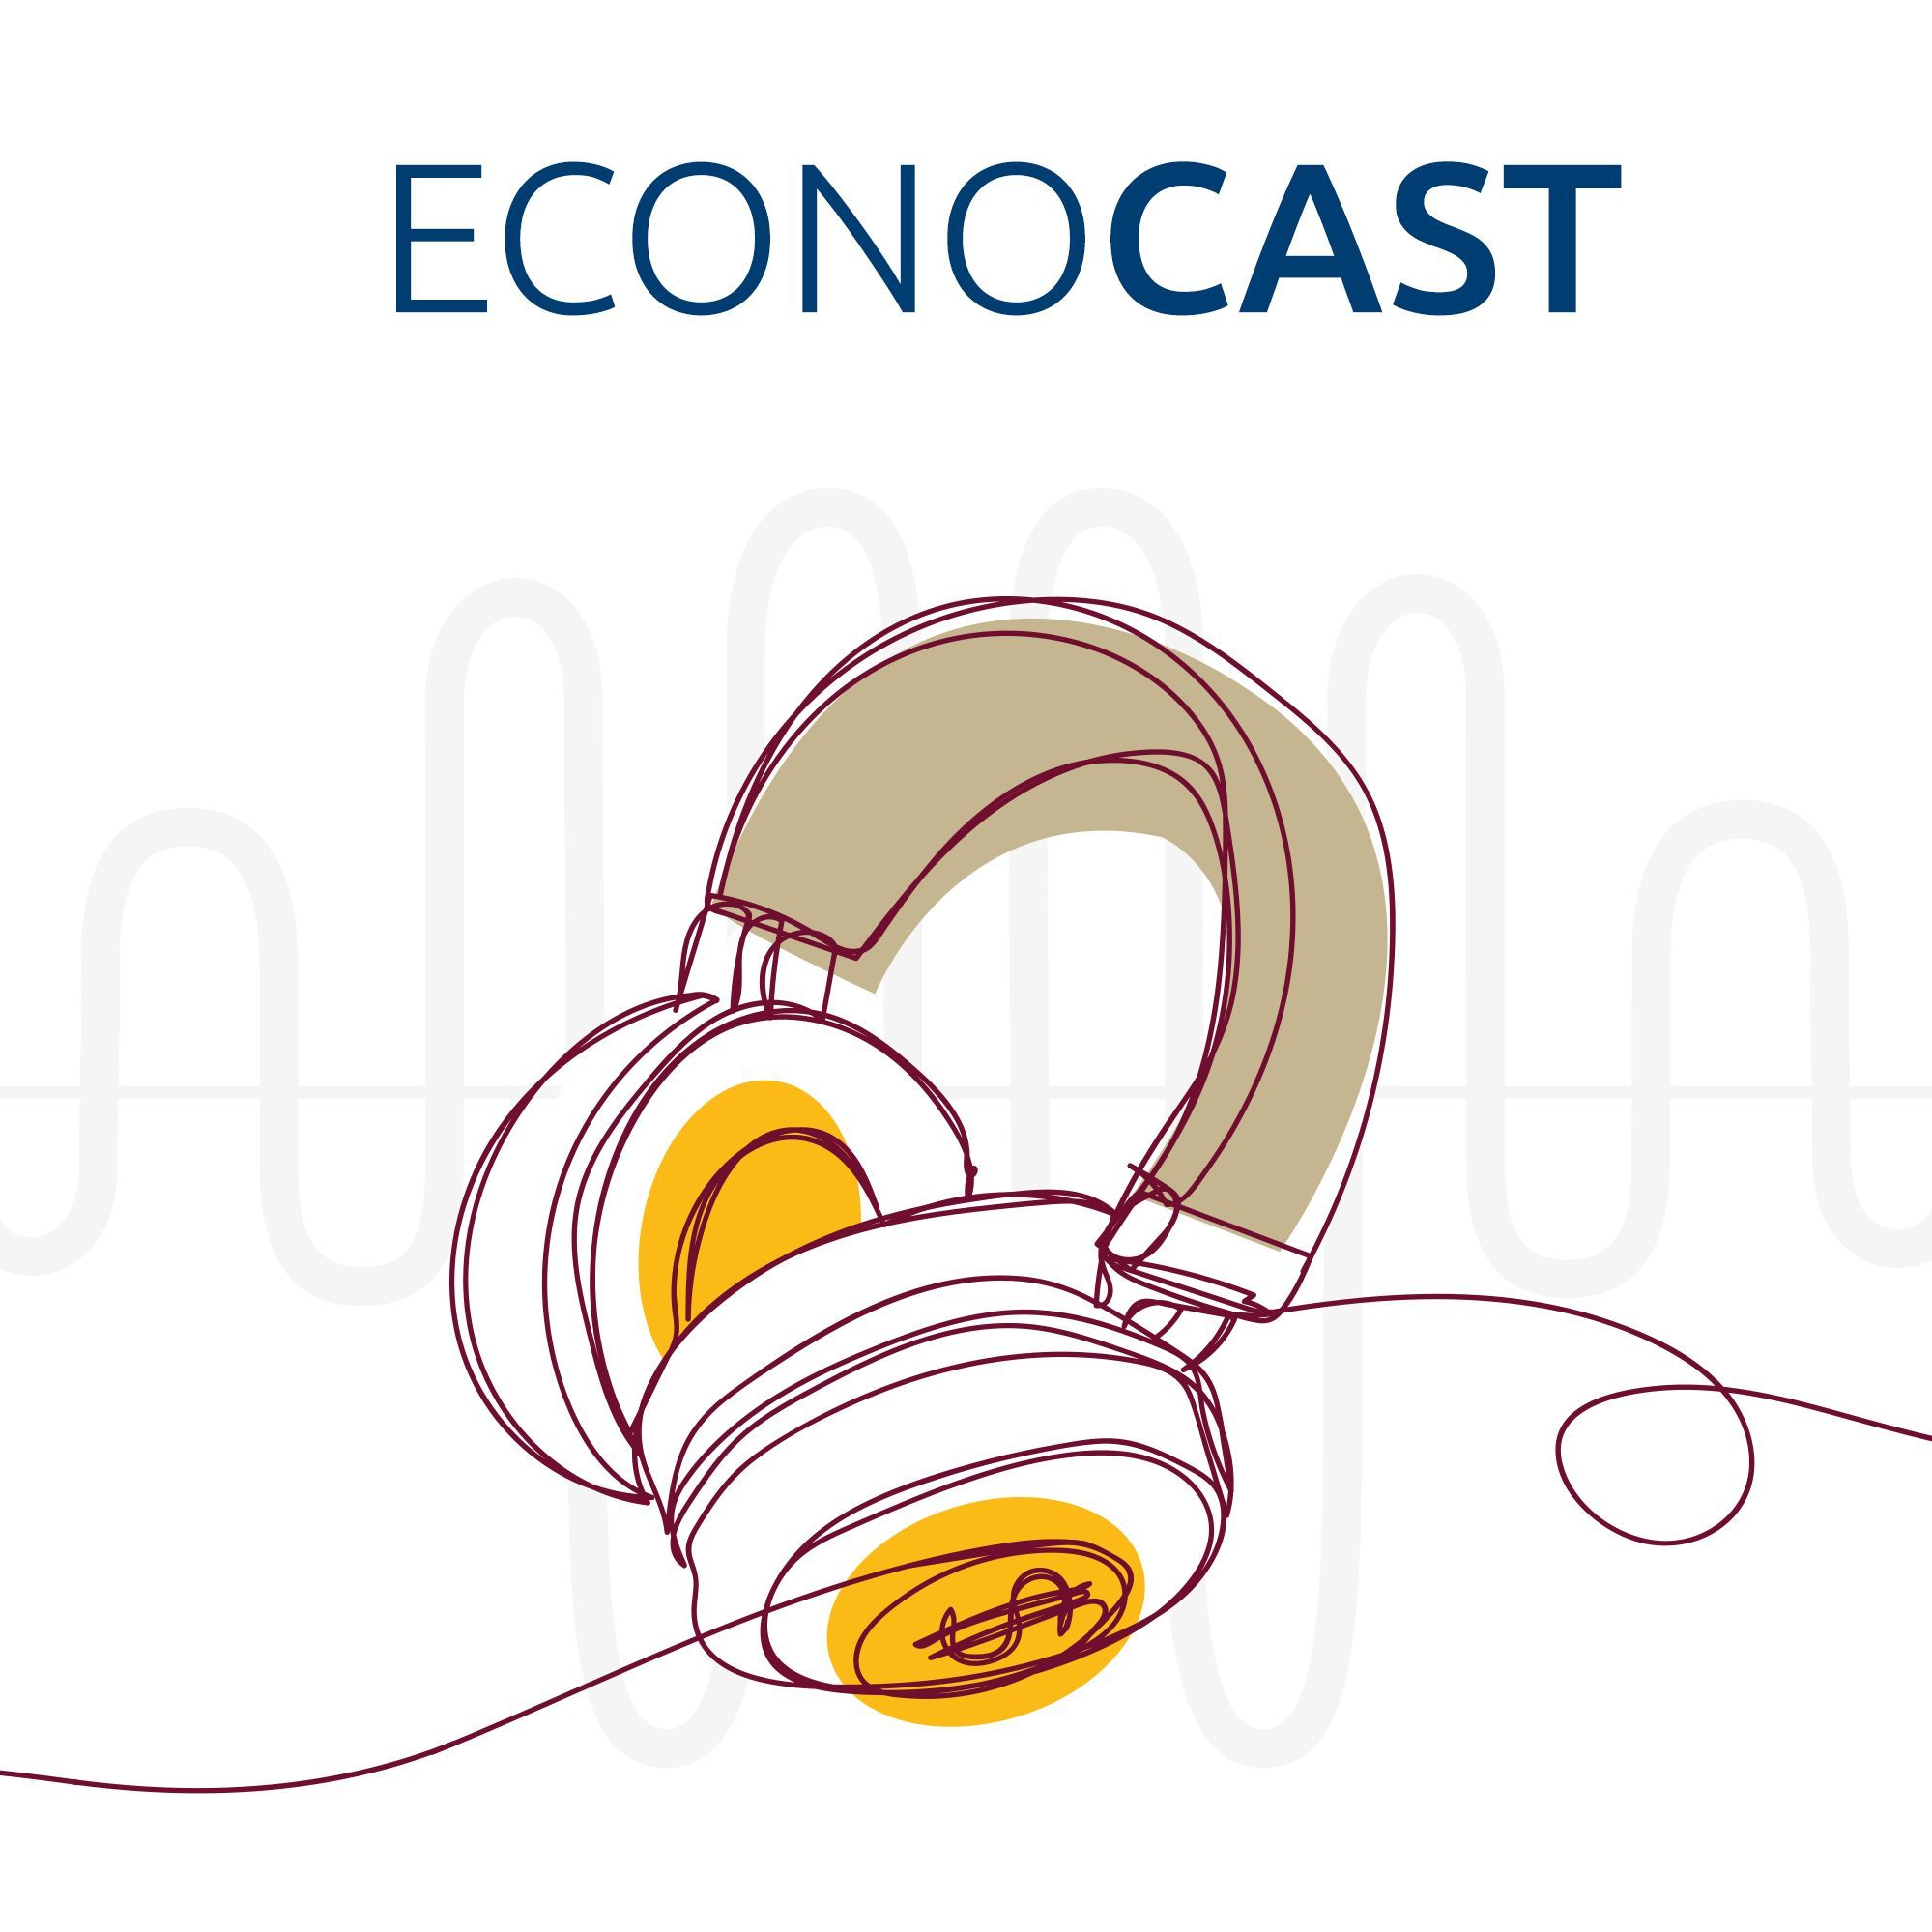 Econocast - EP 05